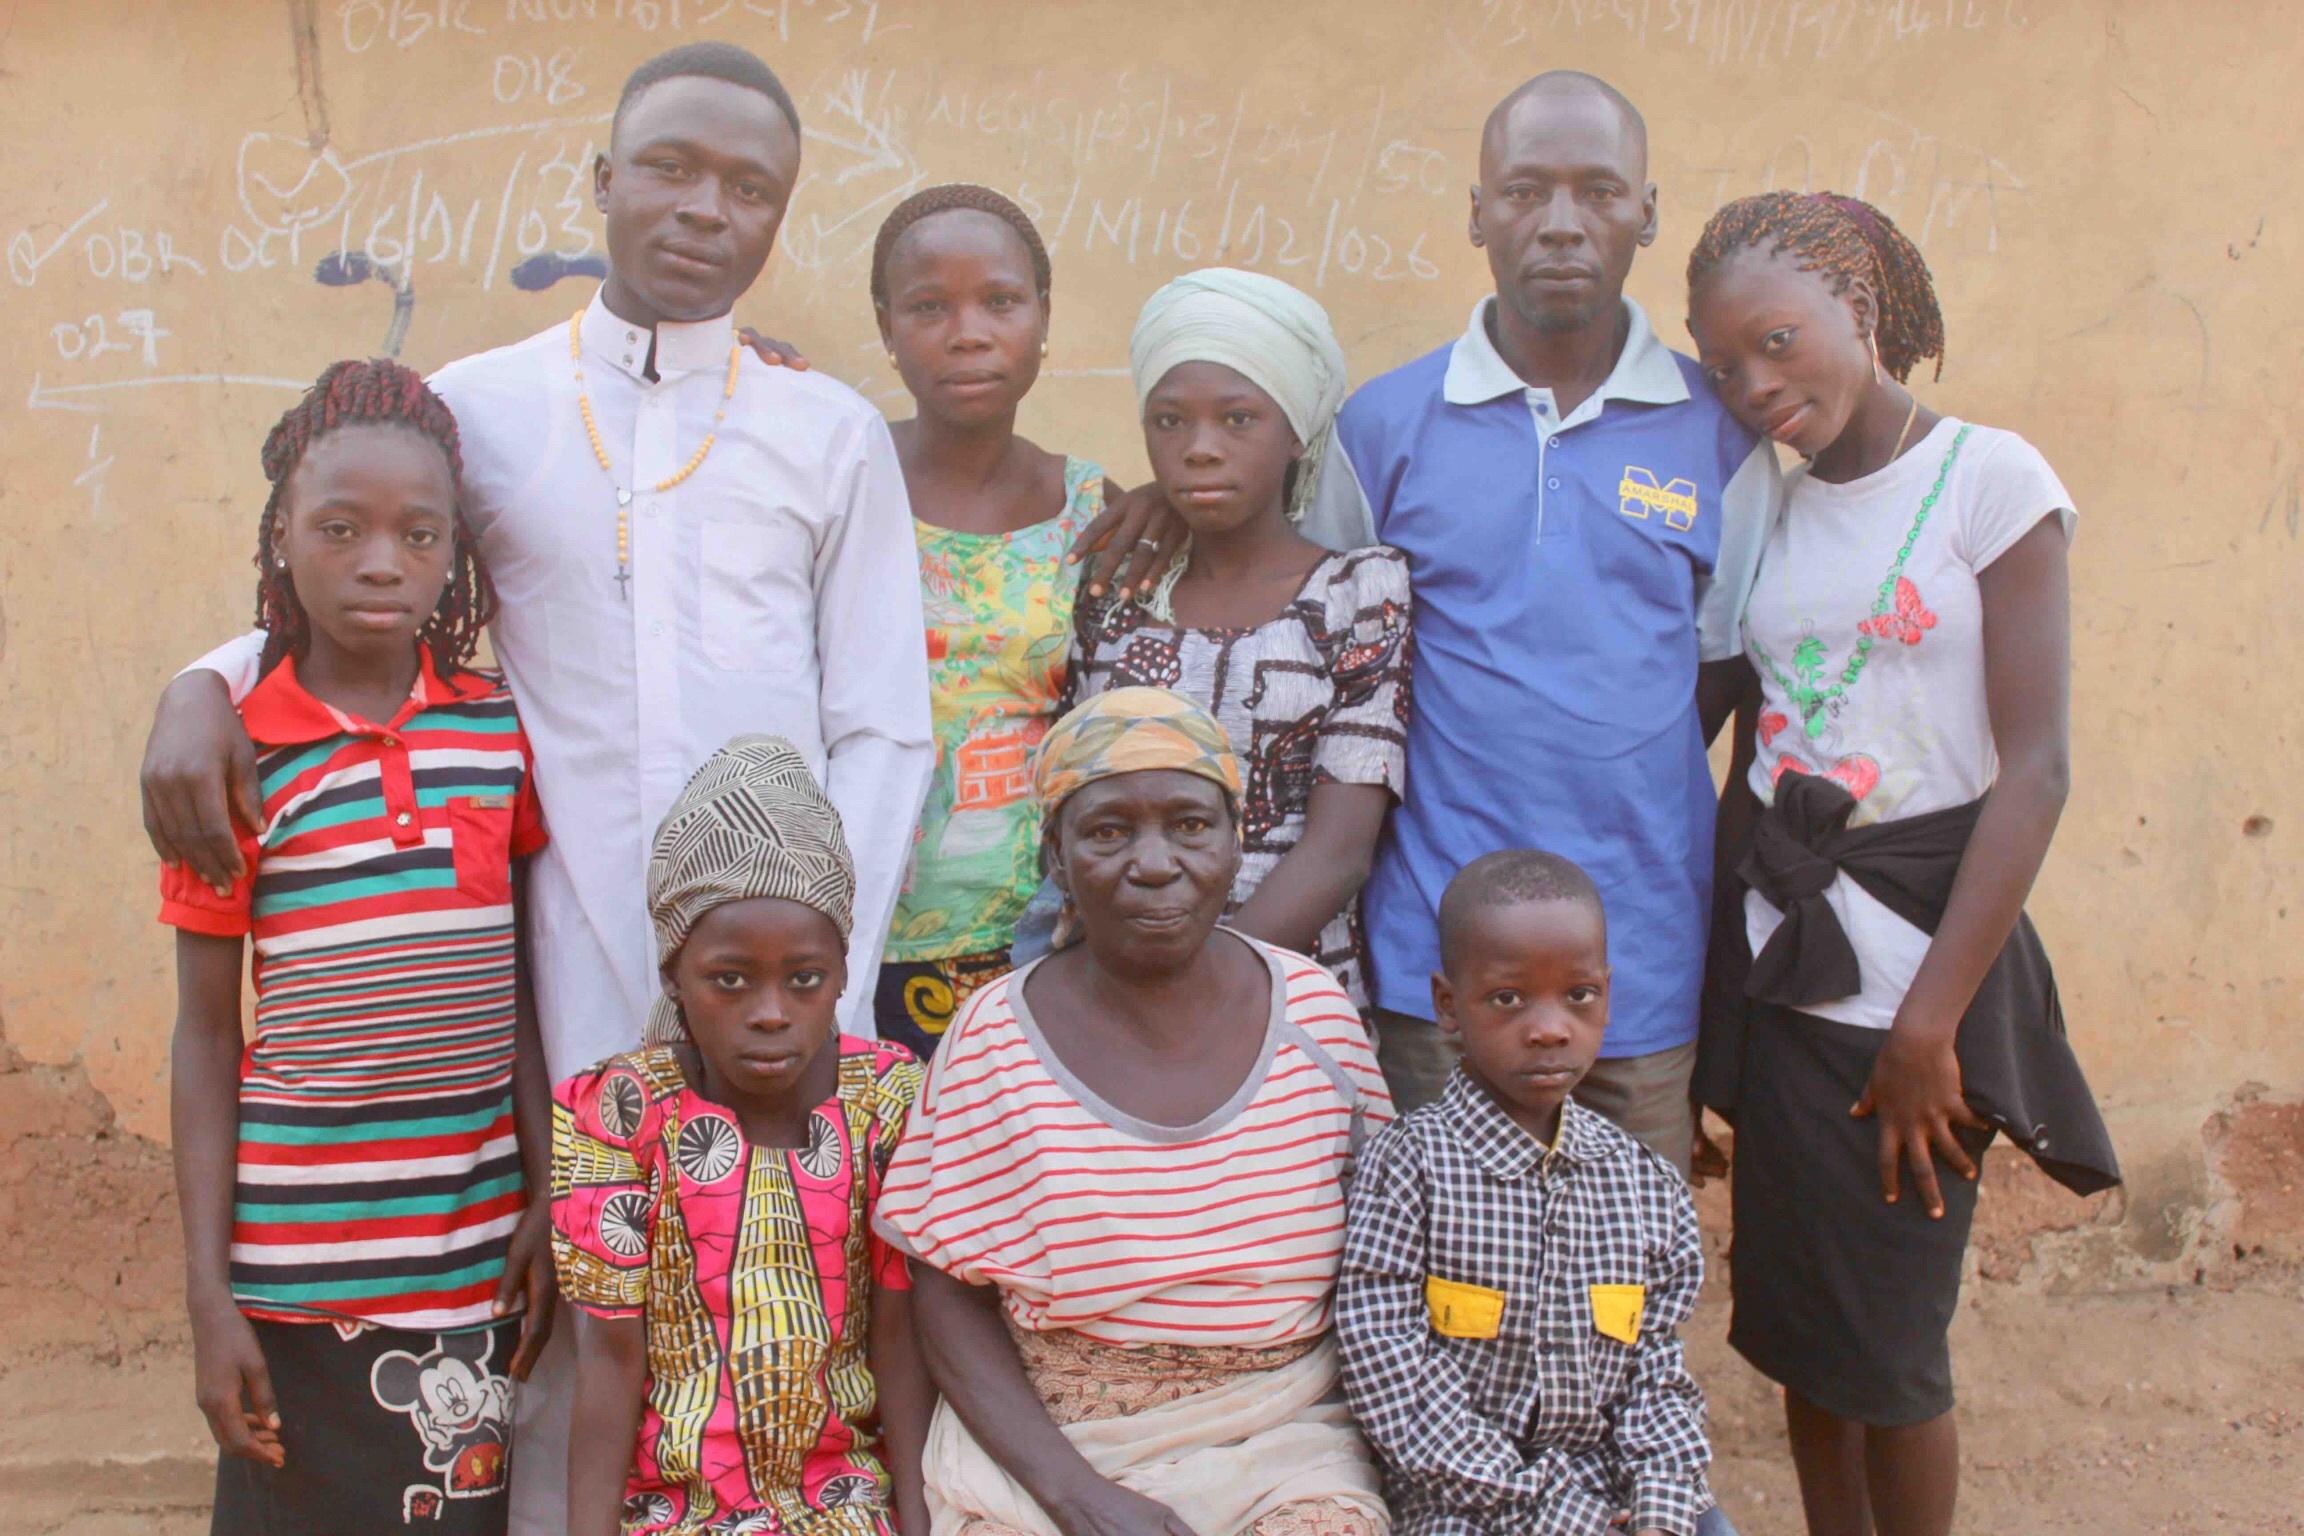 Bajju family in Langa Langa Viillage, Nasarawa State, Nigeria #JujuFilms